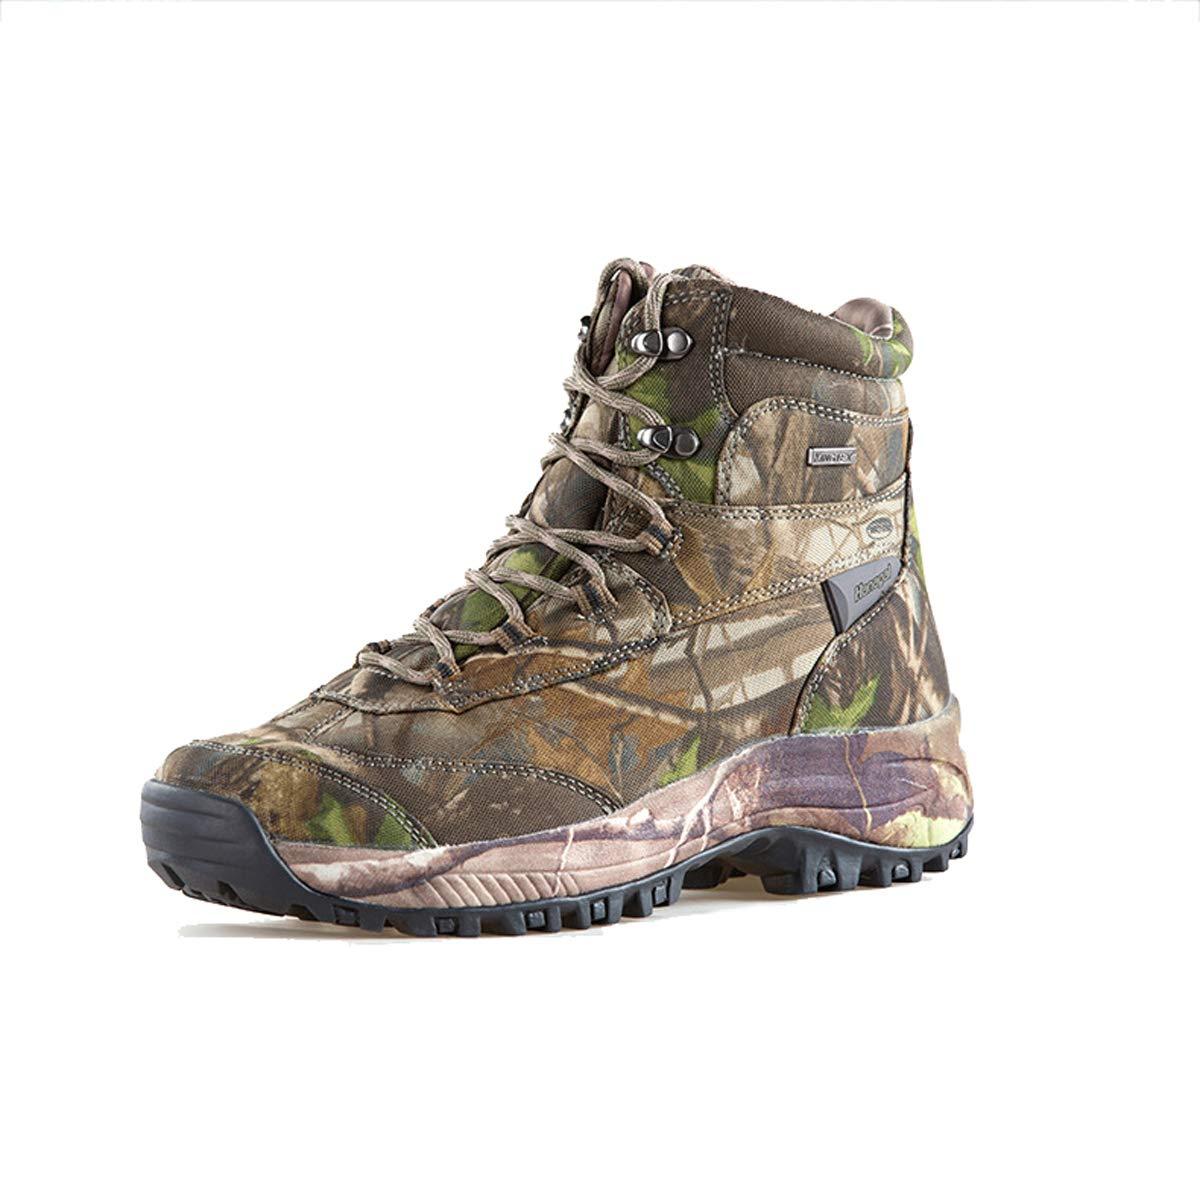 Adong Hanagal  Herren Camouflage Jungle Trekking Schuhe Wasserdicht Jagdschuhe High Rise Jagdschuhe Wasserdicht Schuhe Wasserdicht Schuhe,A,38EU